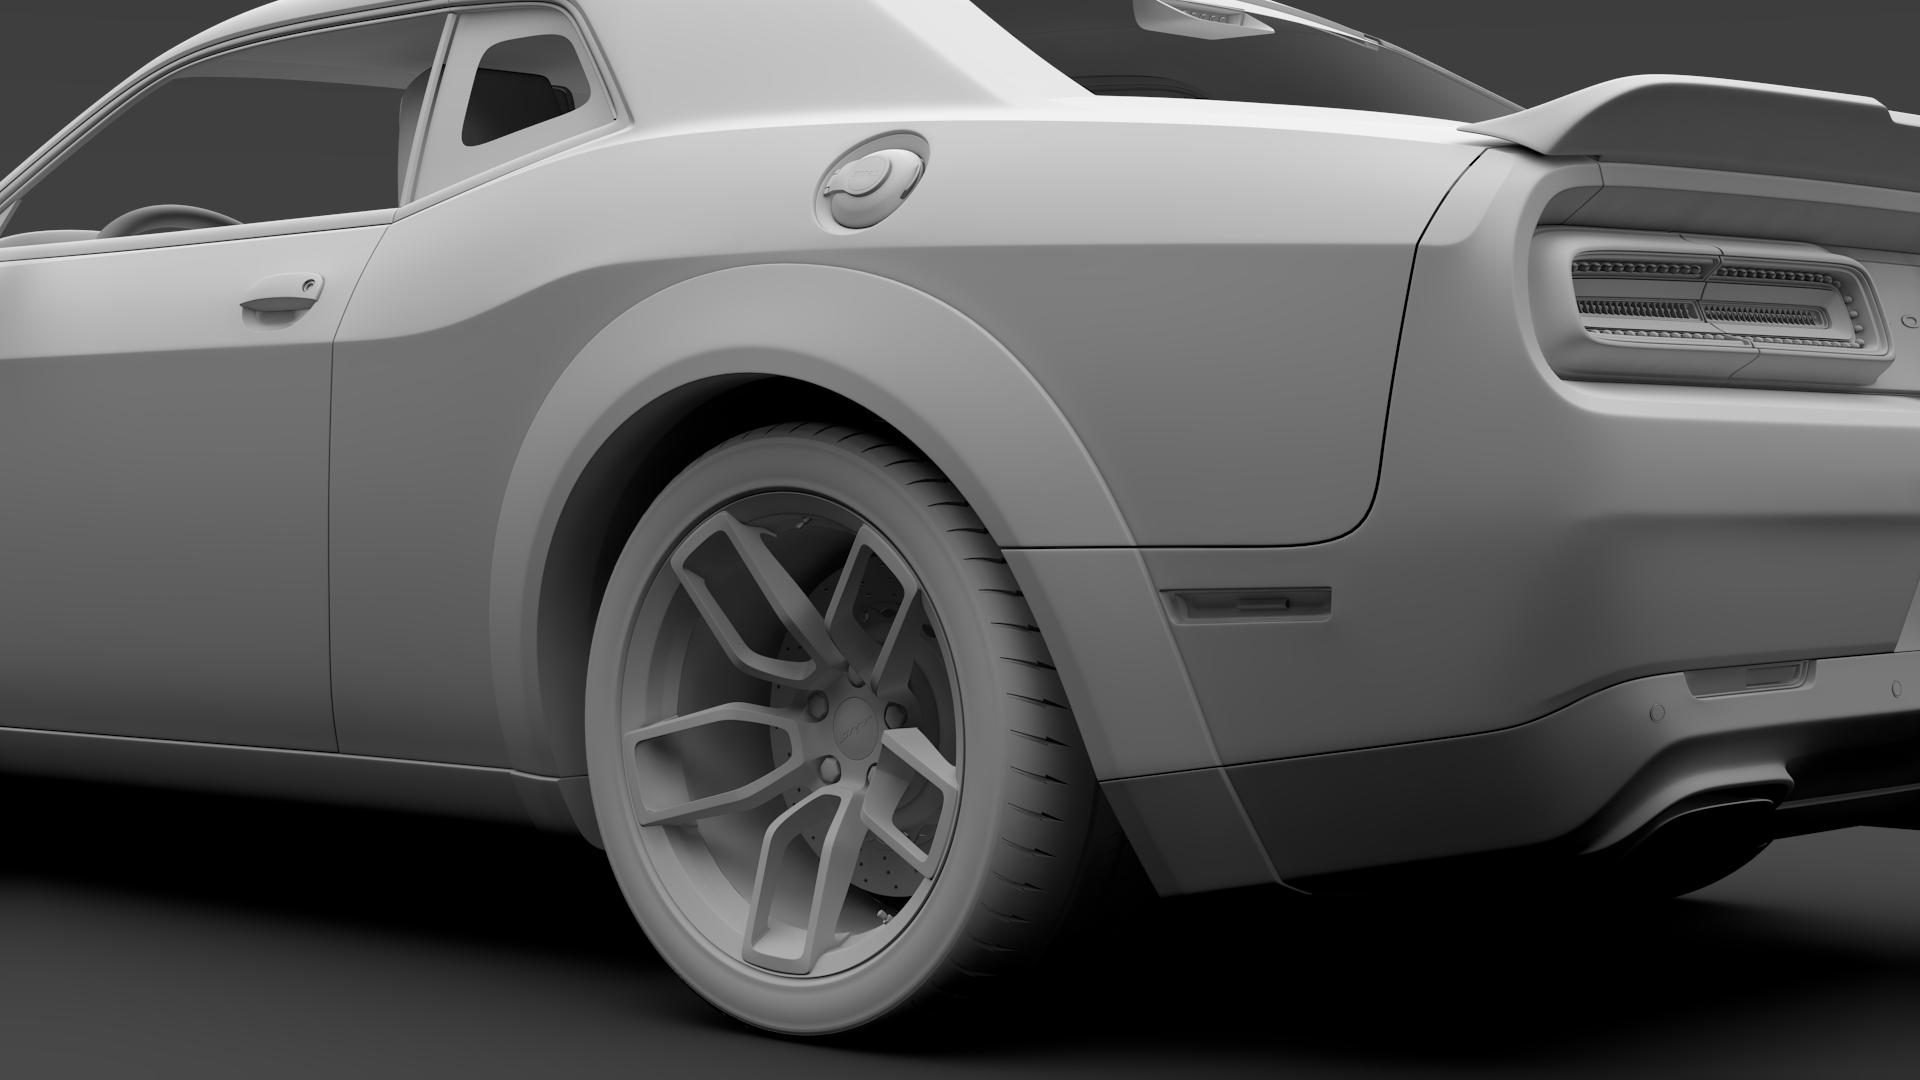 Dodge Challenger Srt Hellcat Widebody 2018 3d Model Buy